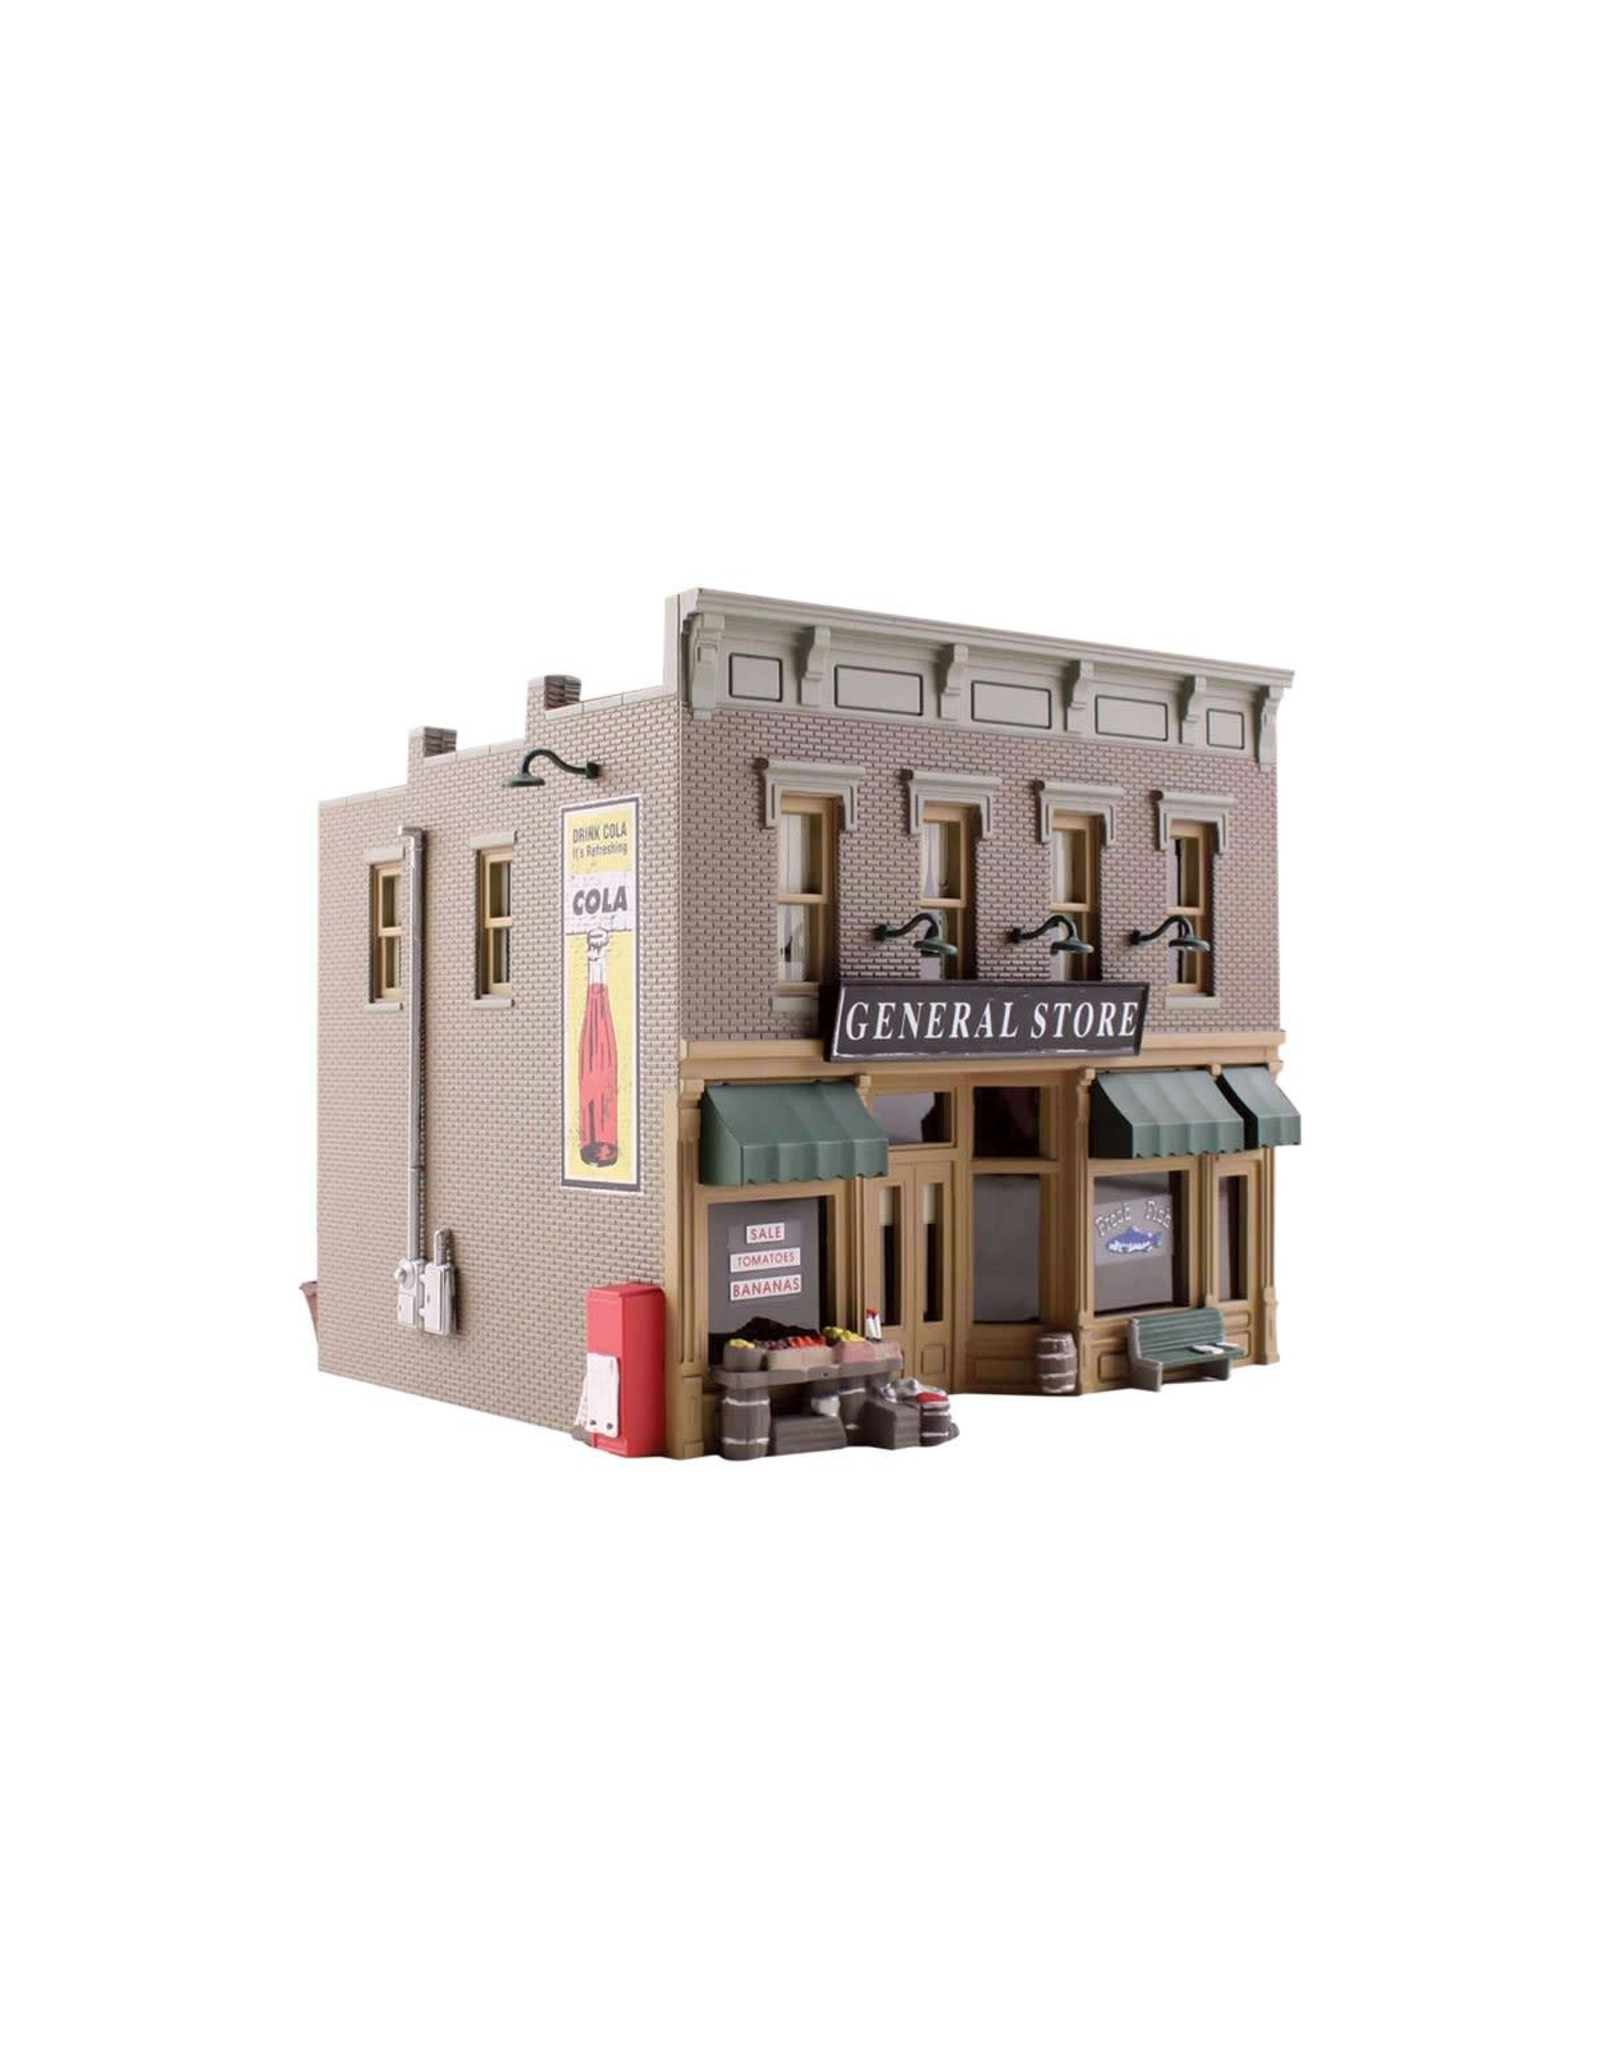 WOO HO B/U Lubener's General Store